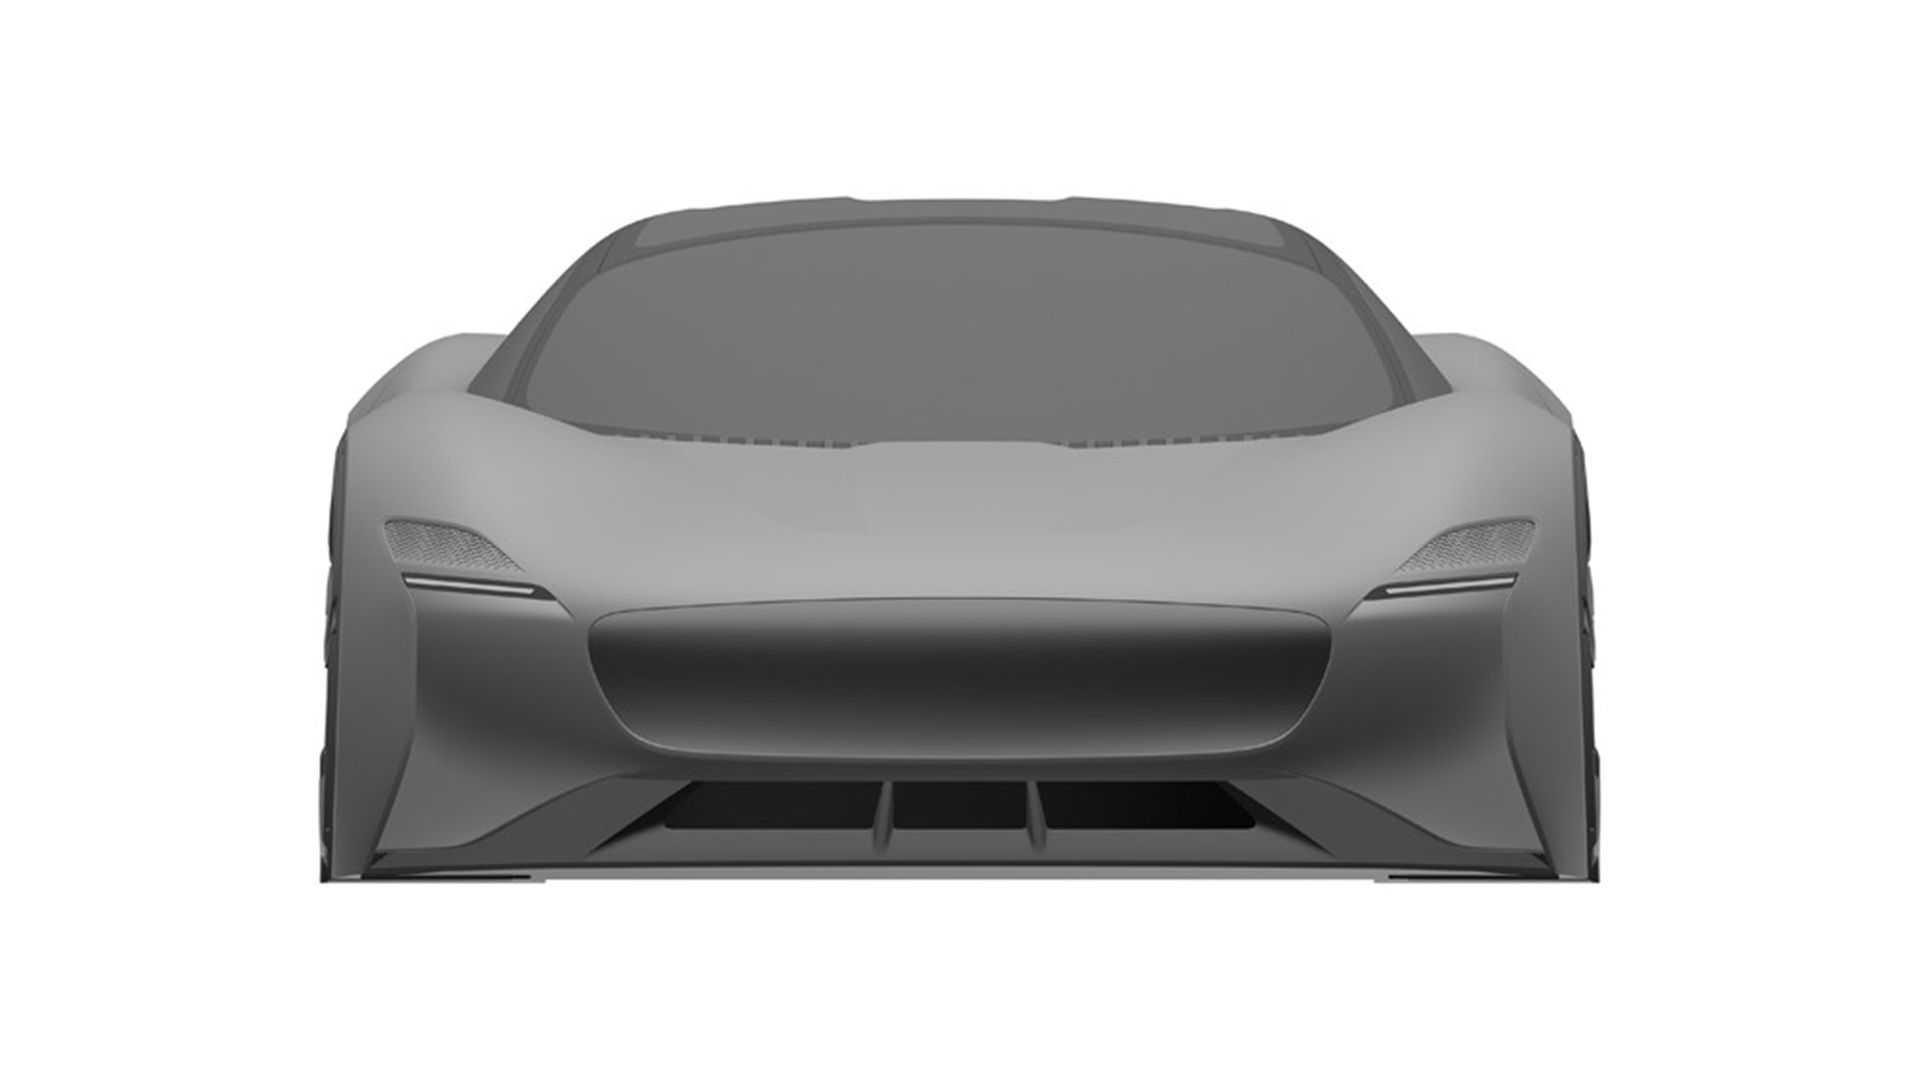 Jaguar-Supercar-Patent-Images-3